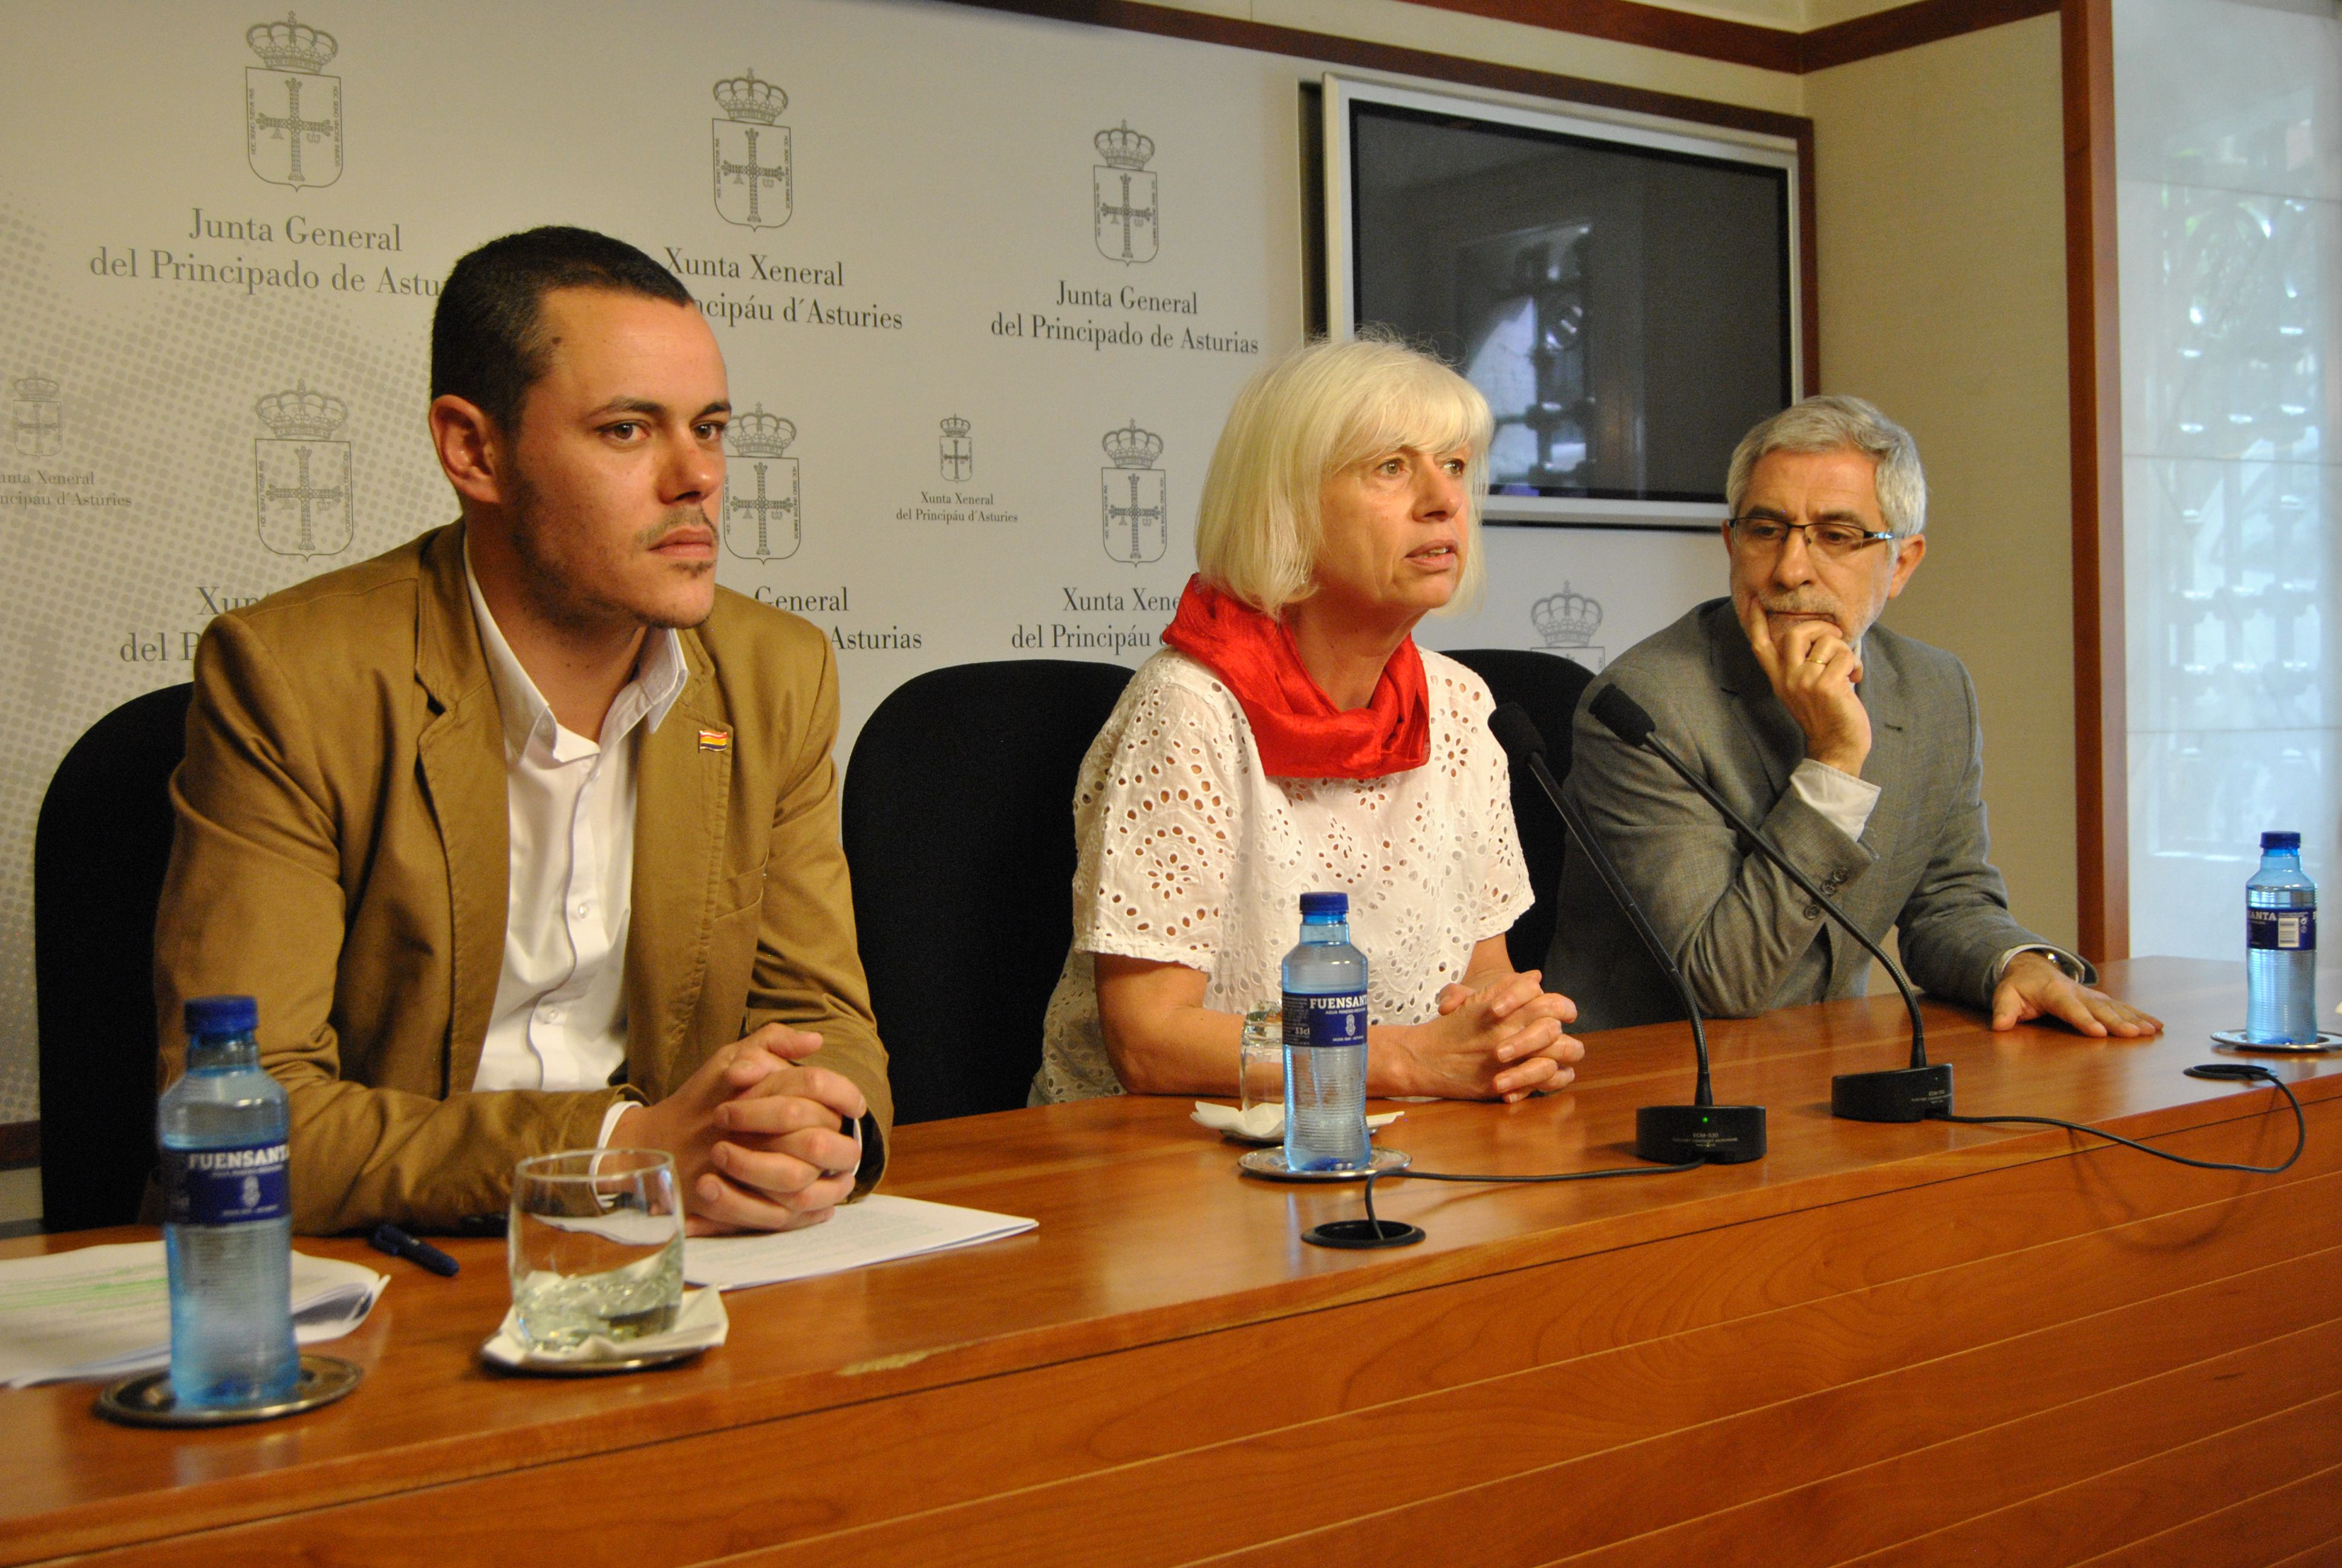 Francisco Erice.Promotores de la ley de memoria histórica asturiana